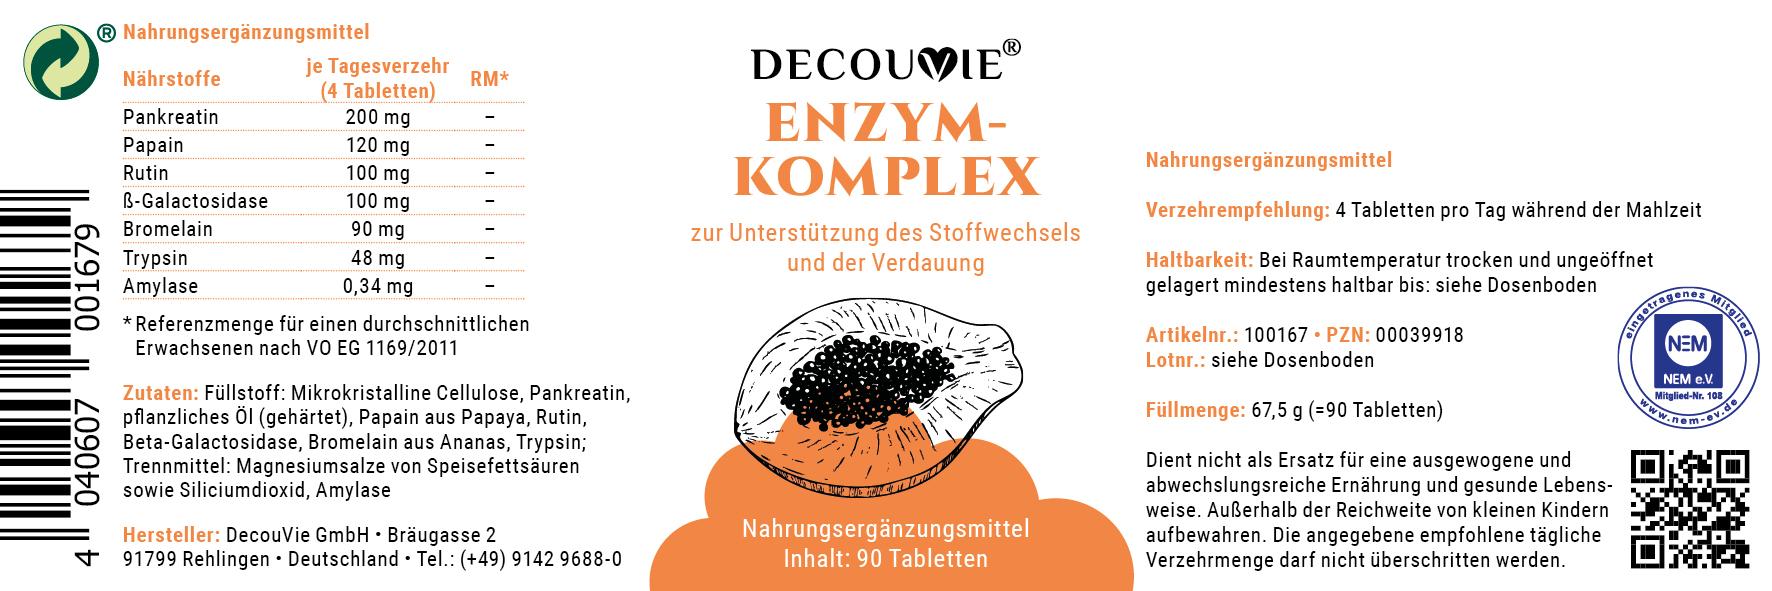 Enzym-Komplex, zur Unterstützung des Stoffwechsels, Immunsystem und Verdauung, 90 Tabletten